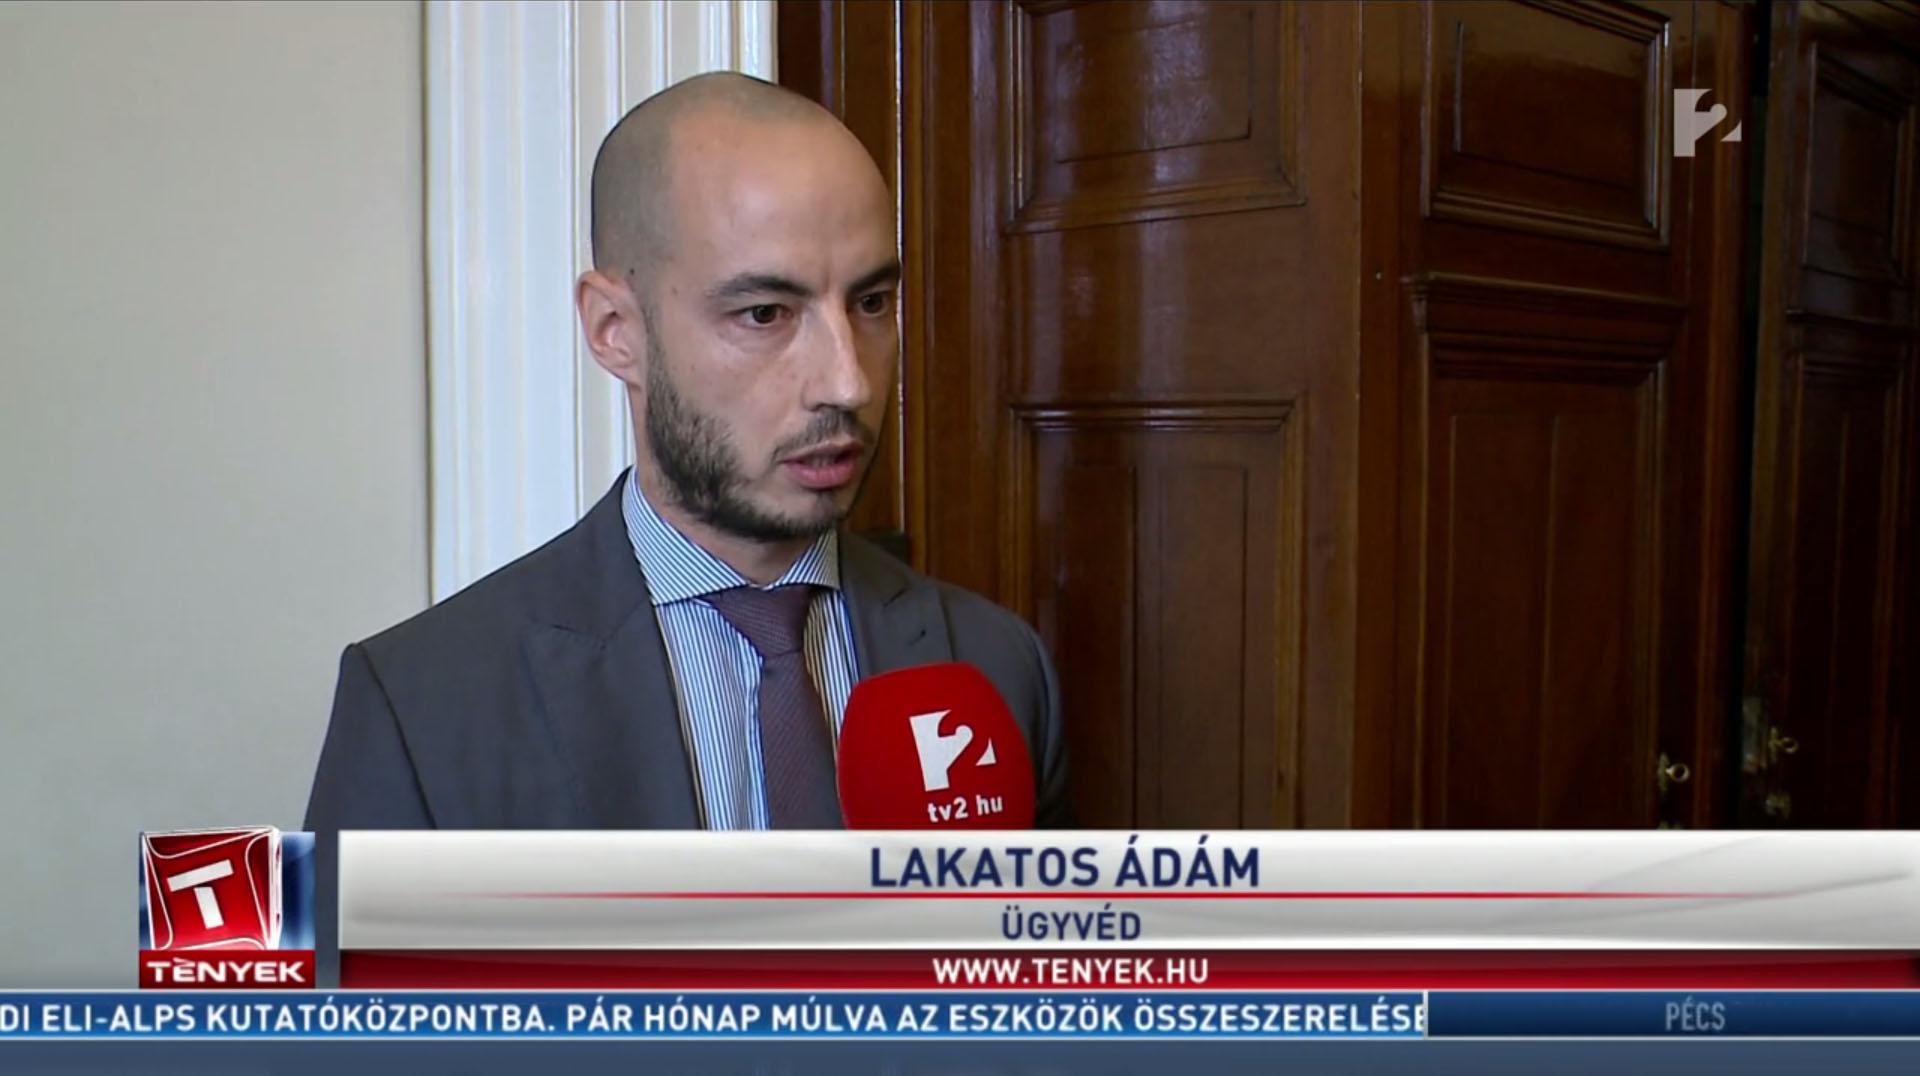 Dr. Lakatos Ádám ügyvéd - 2017_09_tenyek_5